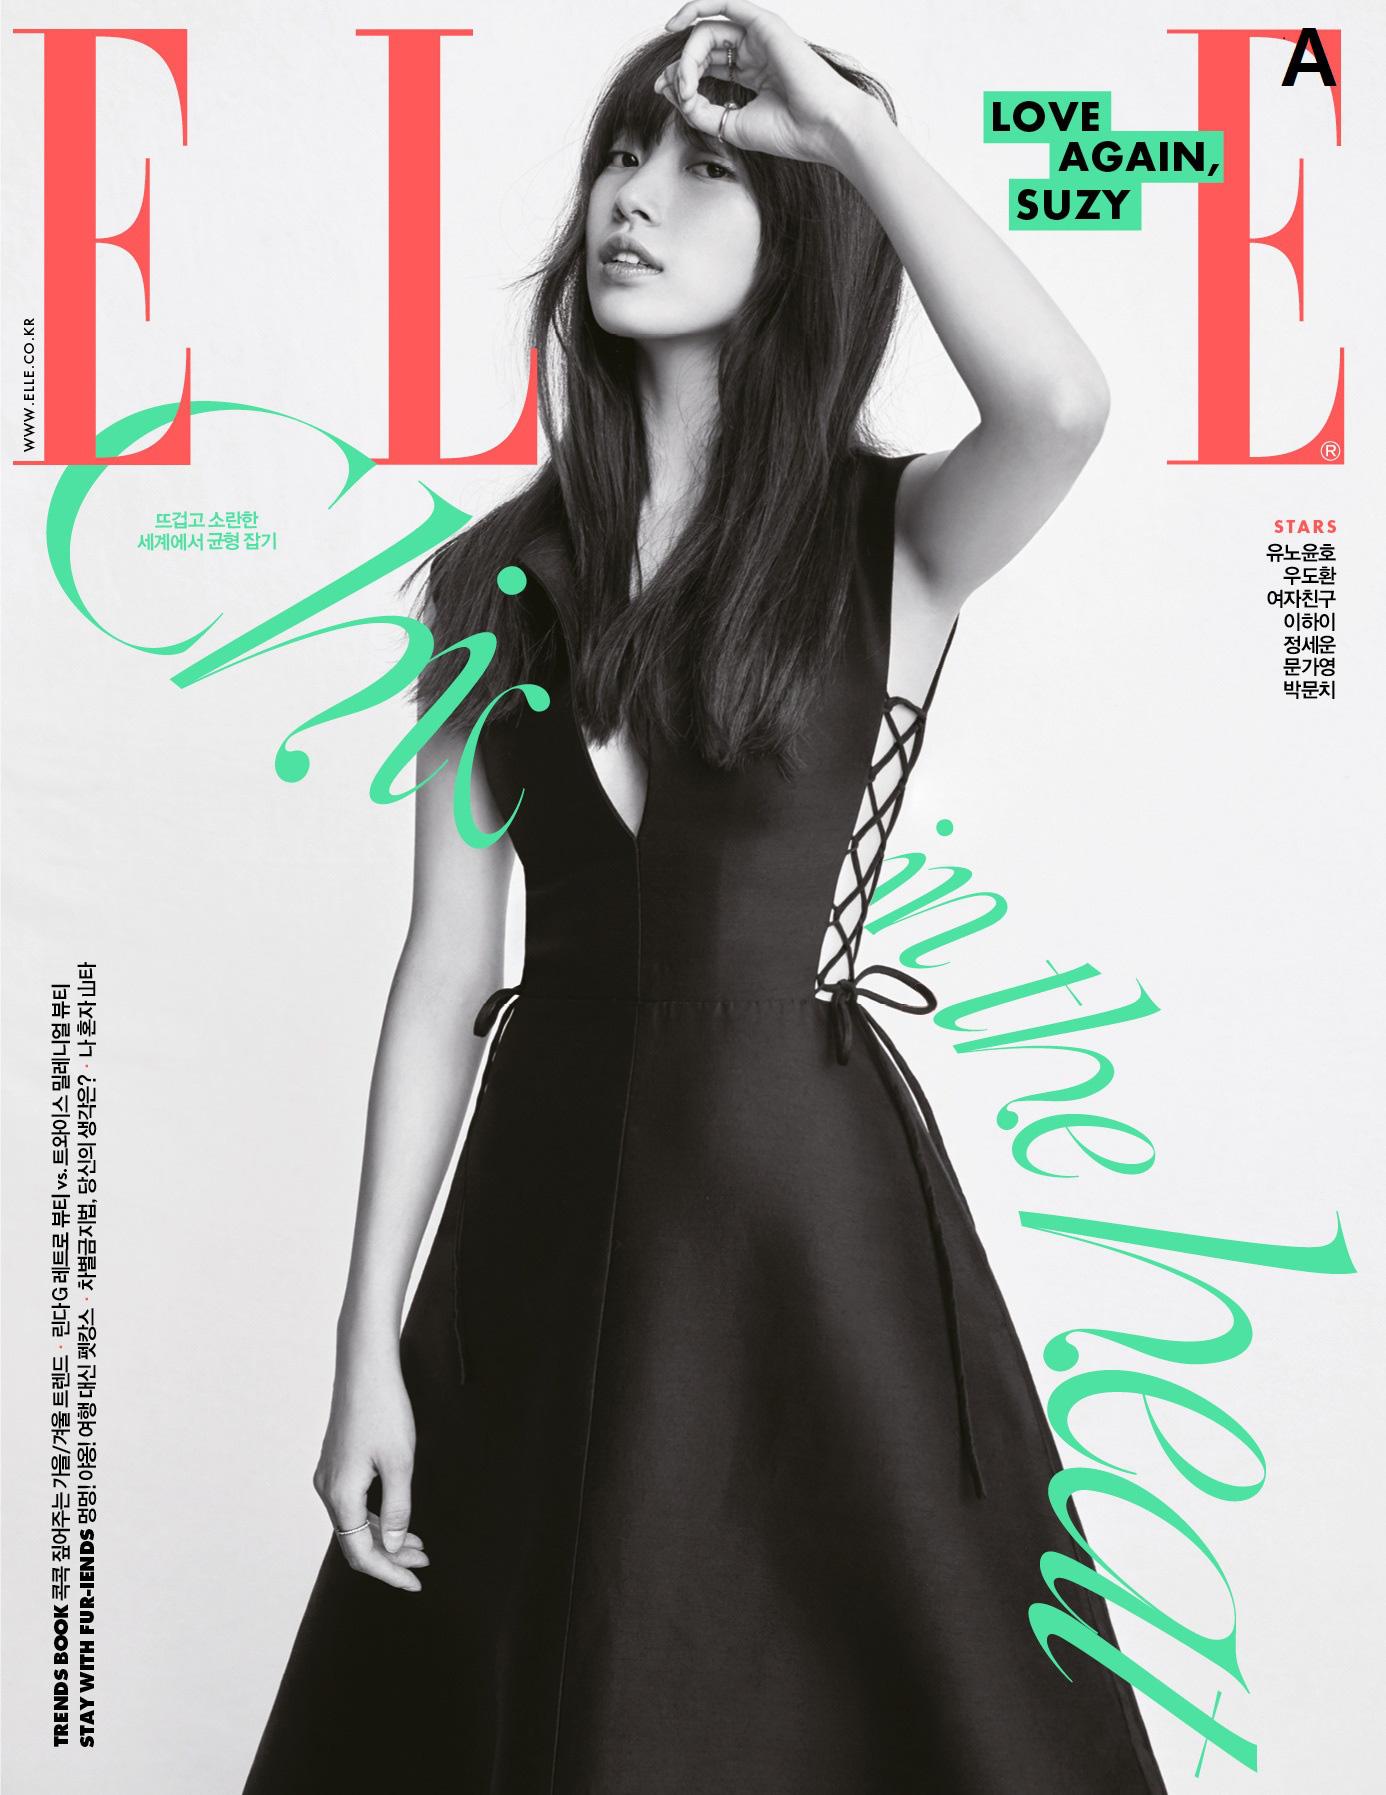 Cùng là váy Dior xẻ sâu hoắm: Suzy chỉ khâu sương sương, Joy mới mạnh tay khâu tiệt váy cho kín cổng cao tường - Ảnh 1.